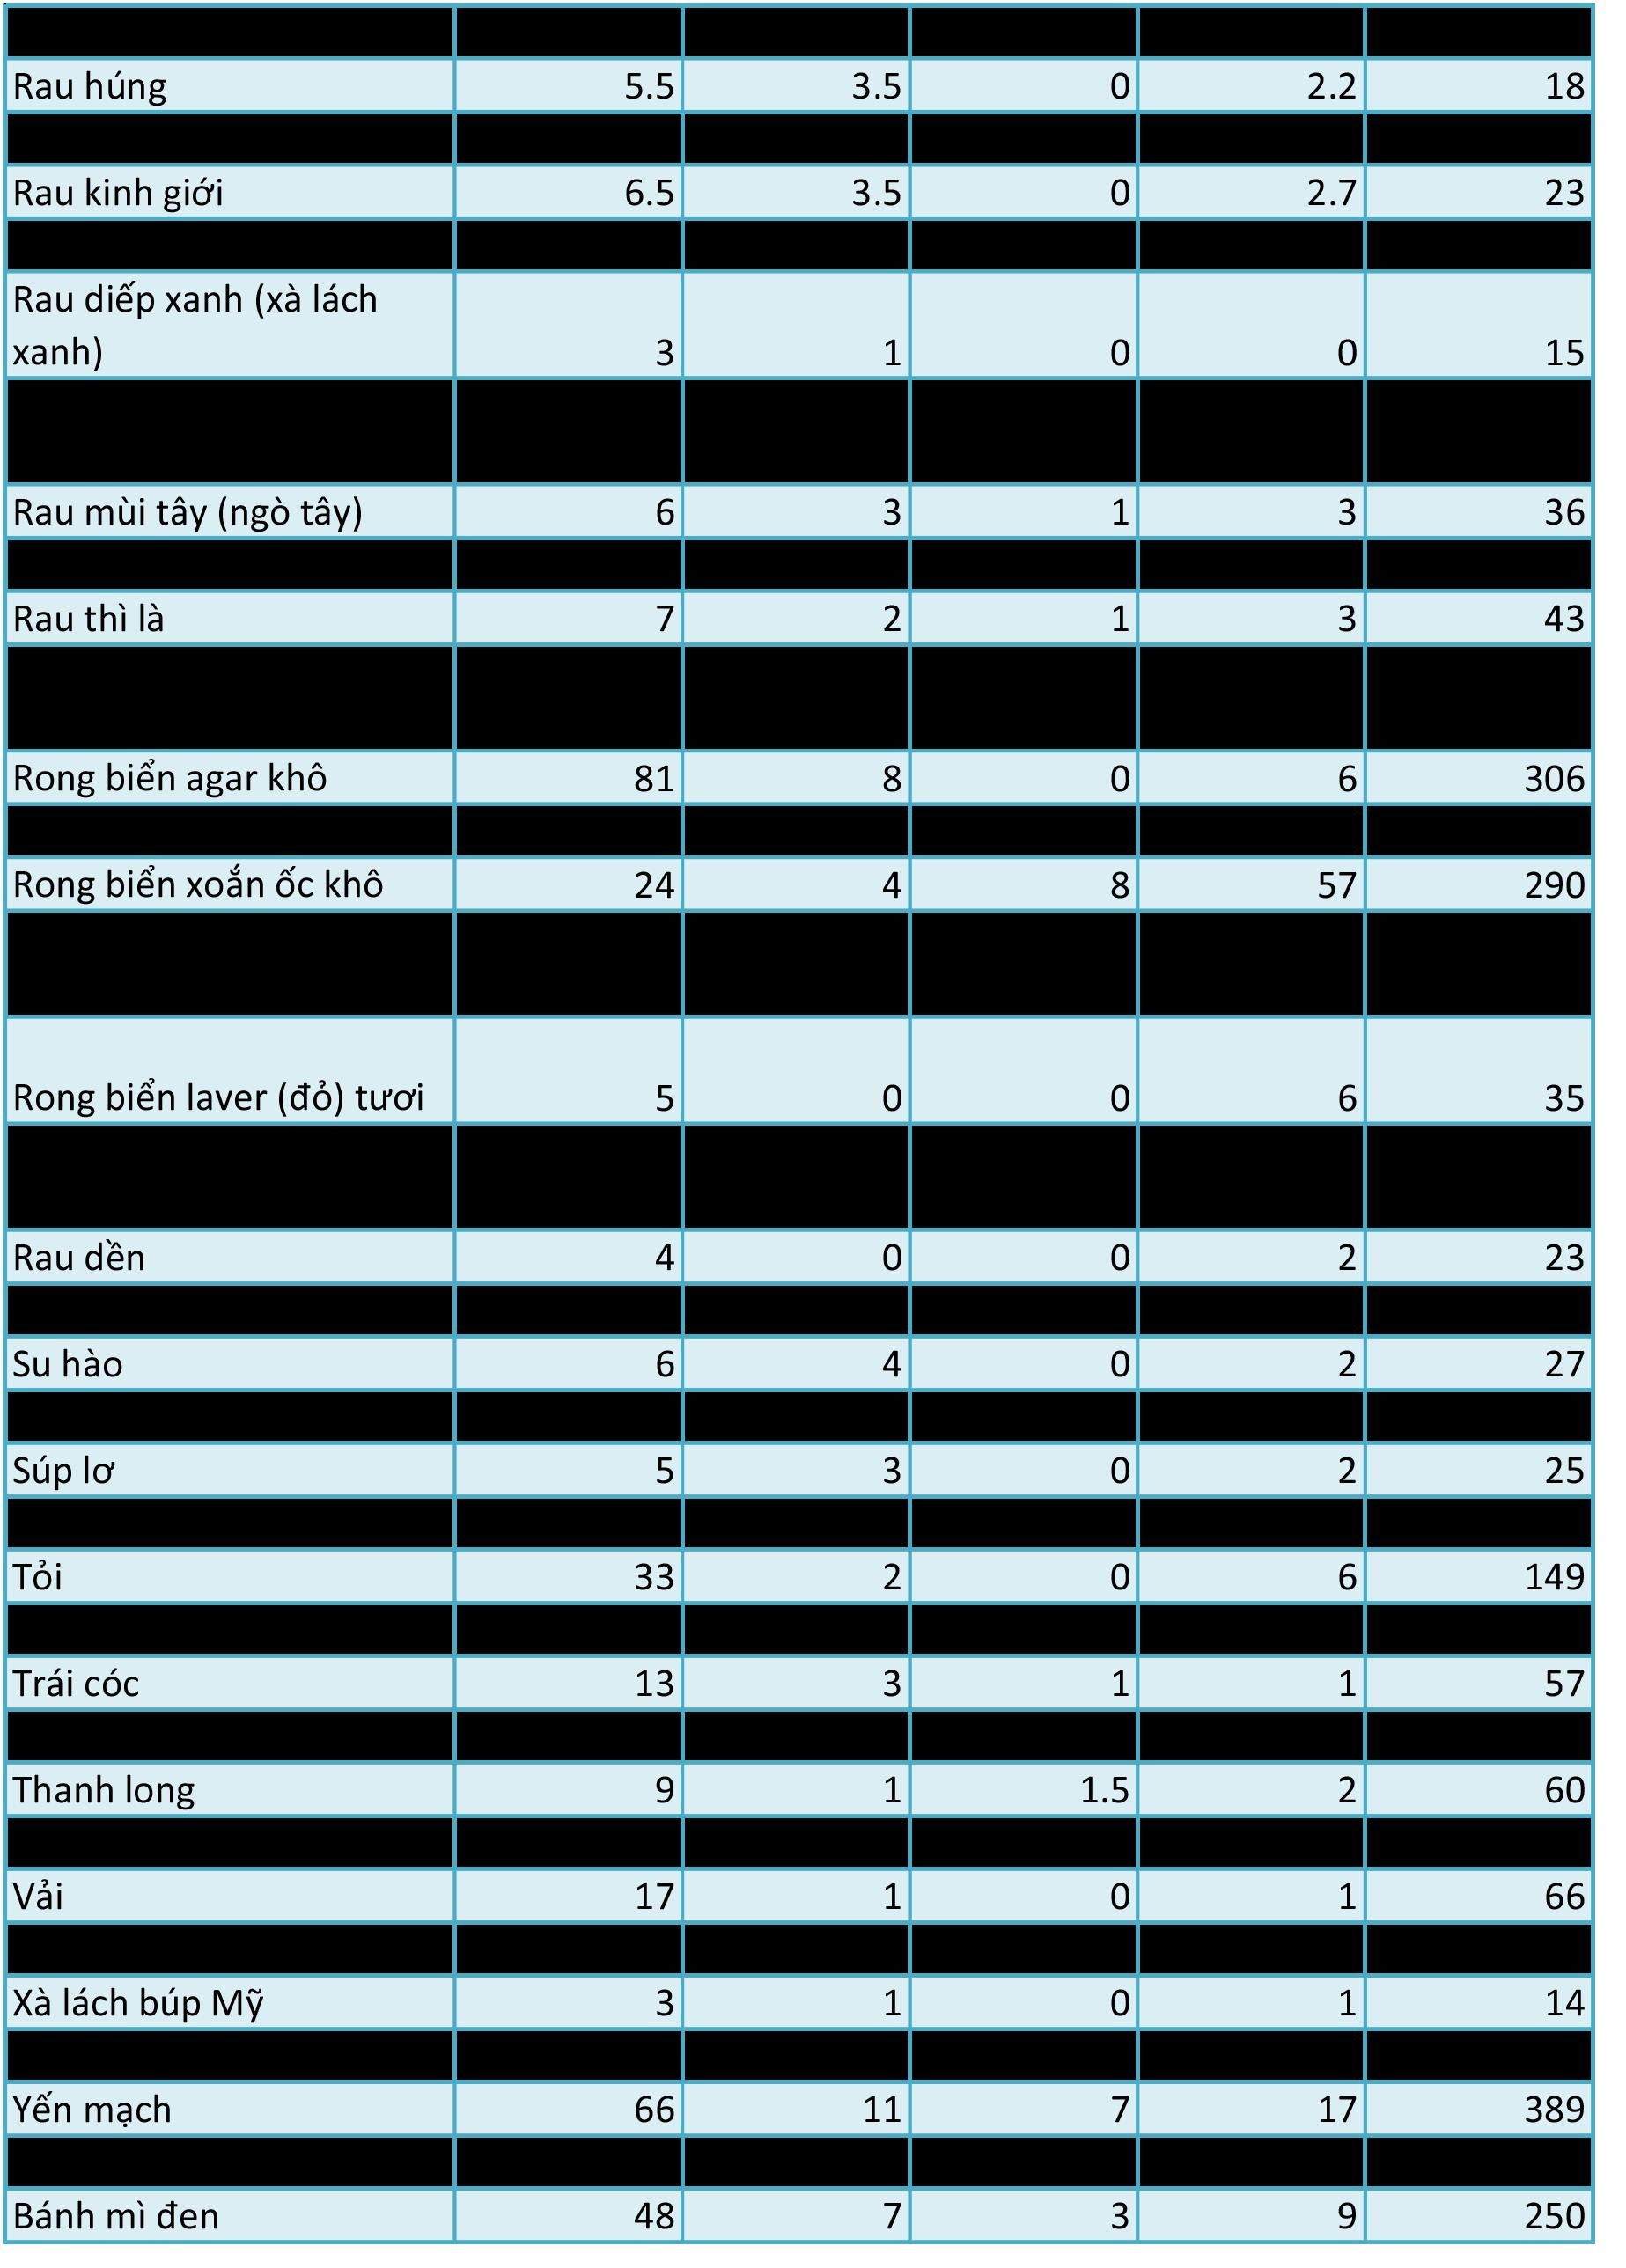 Bảng tra cứu lượng carb, fat, protein và calo trong thực phẩm thực vật - Ảnh 4.